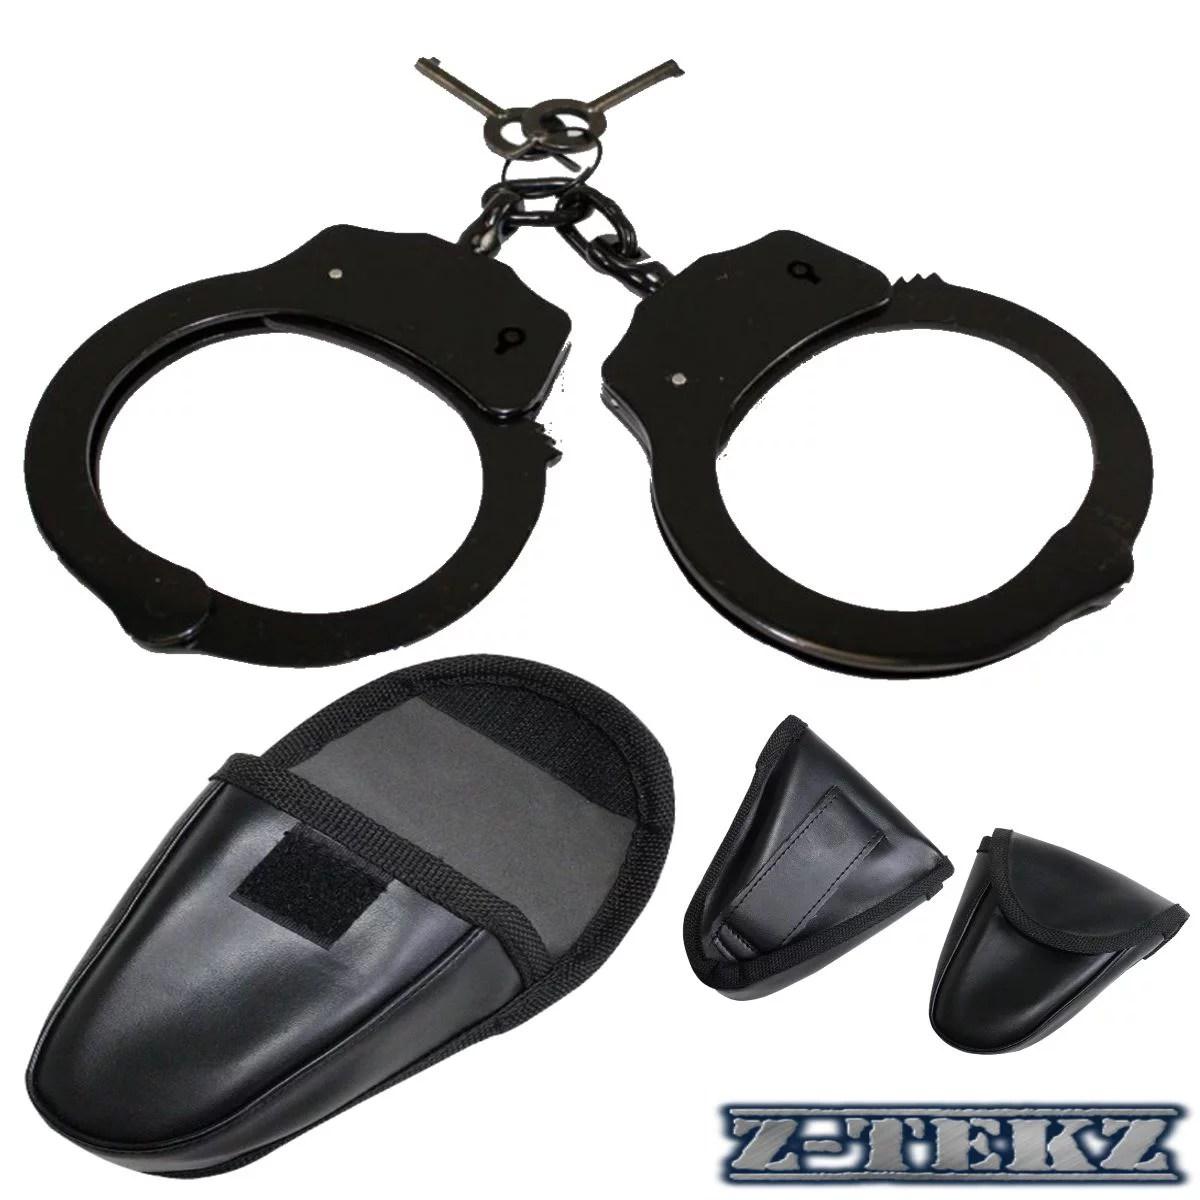 z tekz police edition